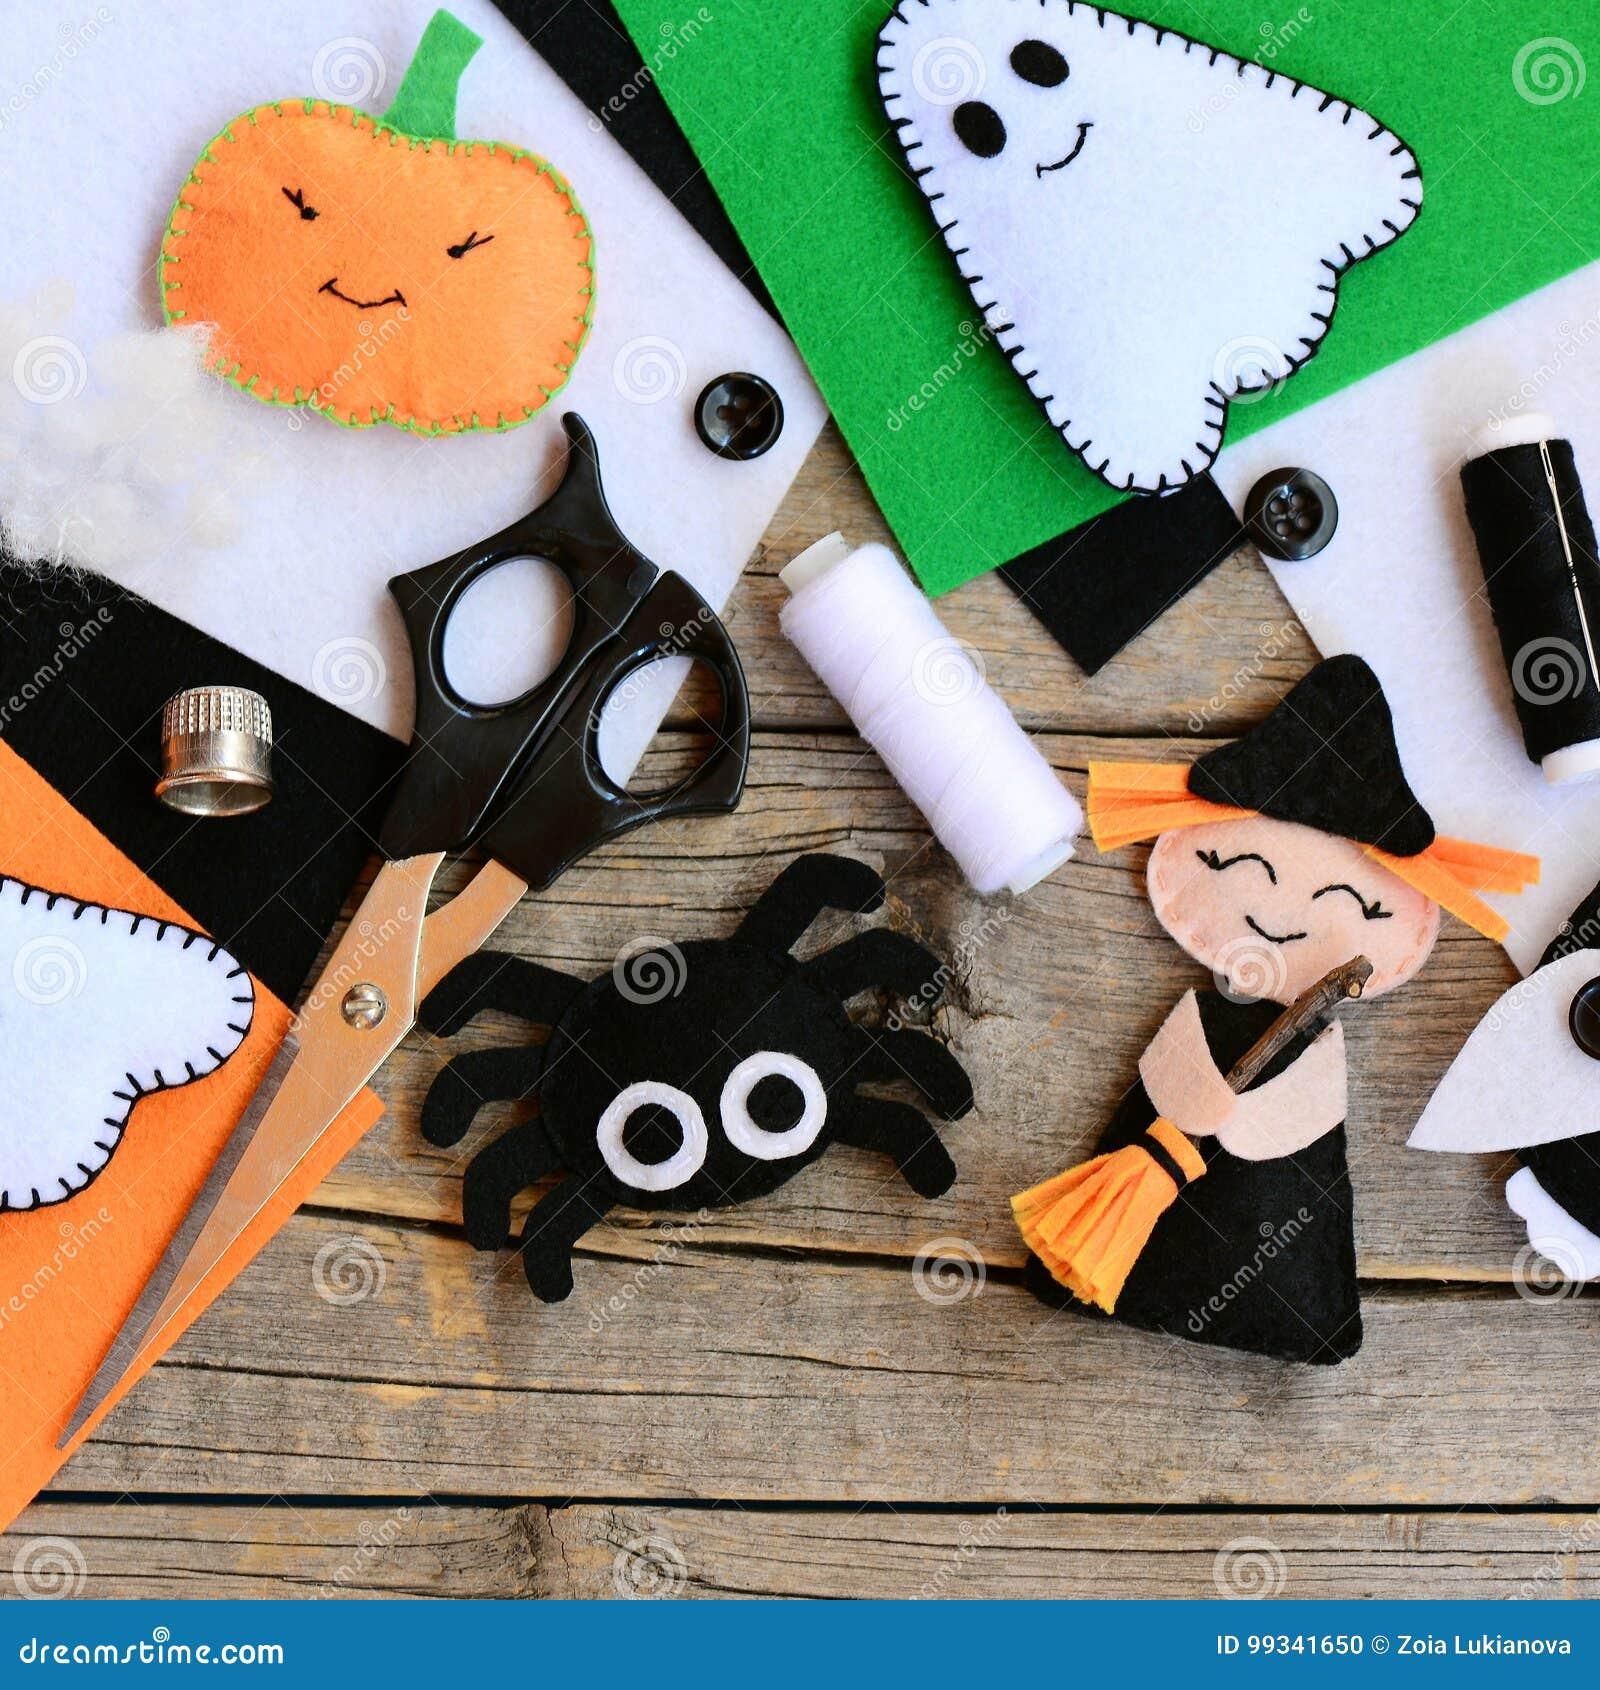 Felt Toys For Halloween Home Decor Clearance Felt Witch With